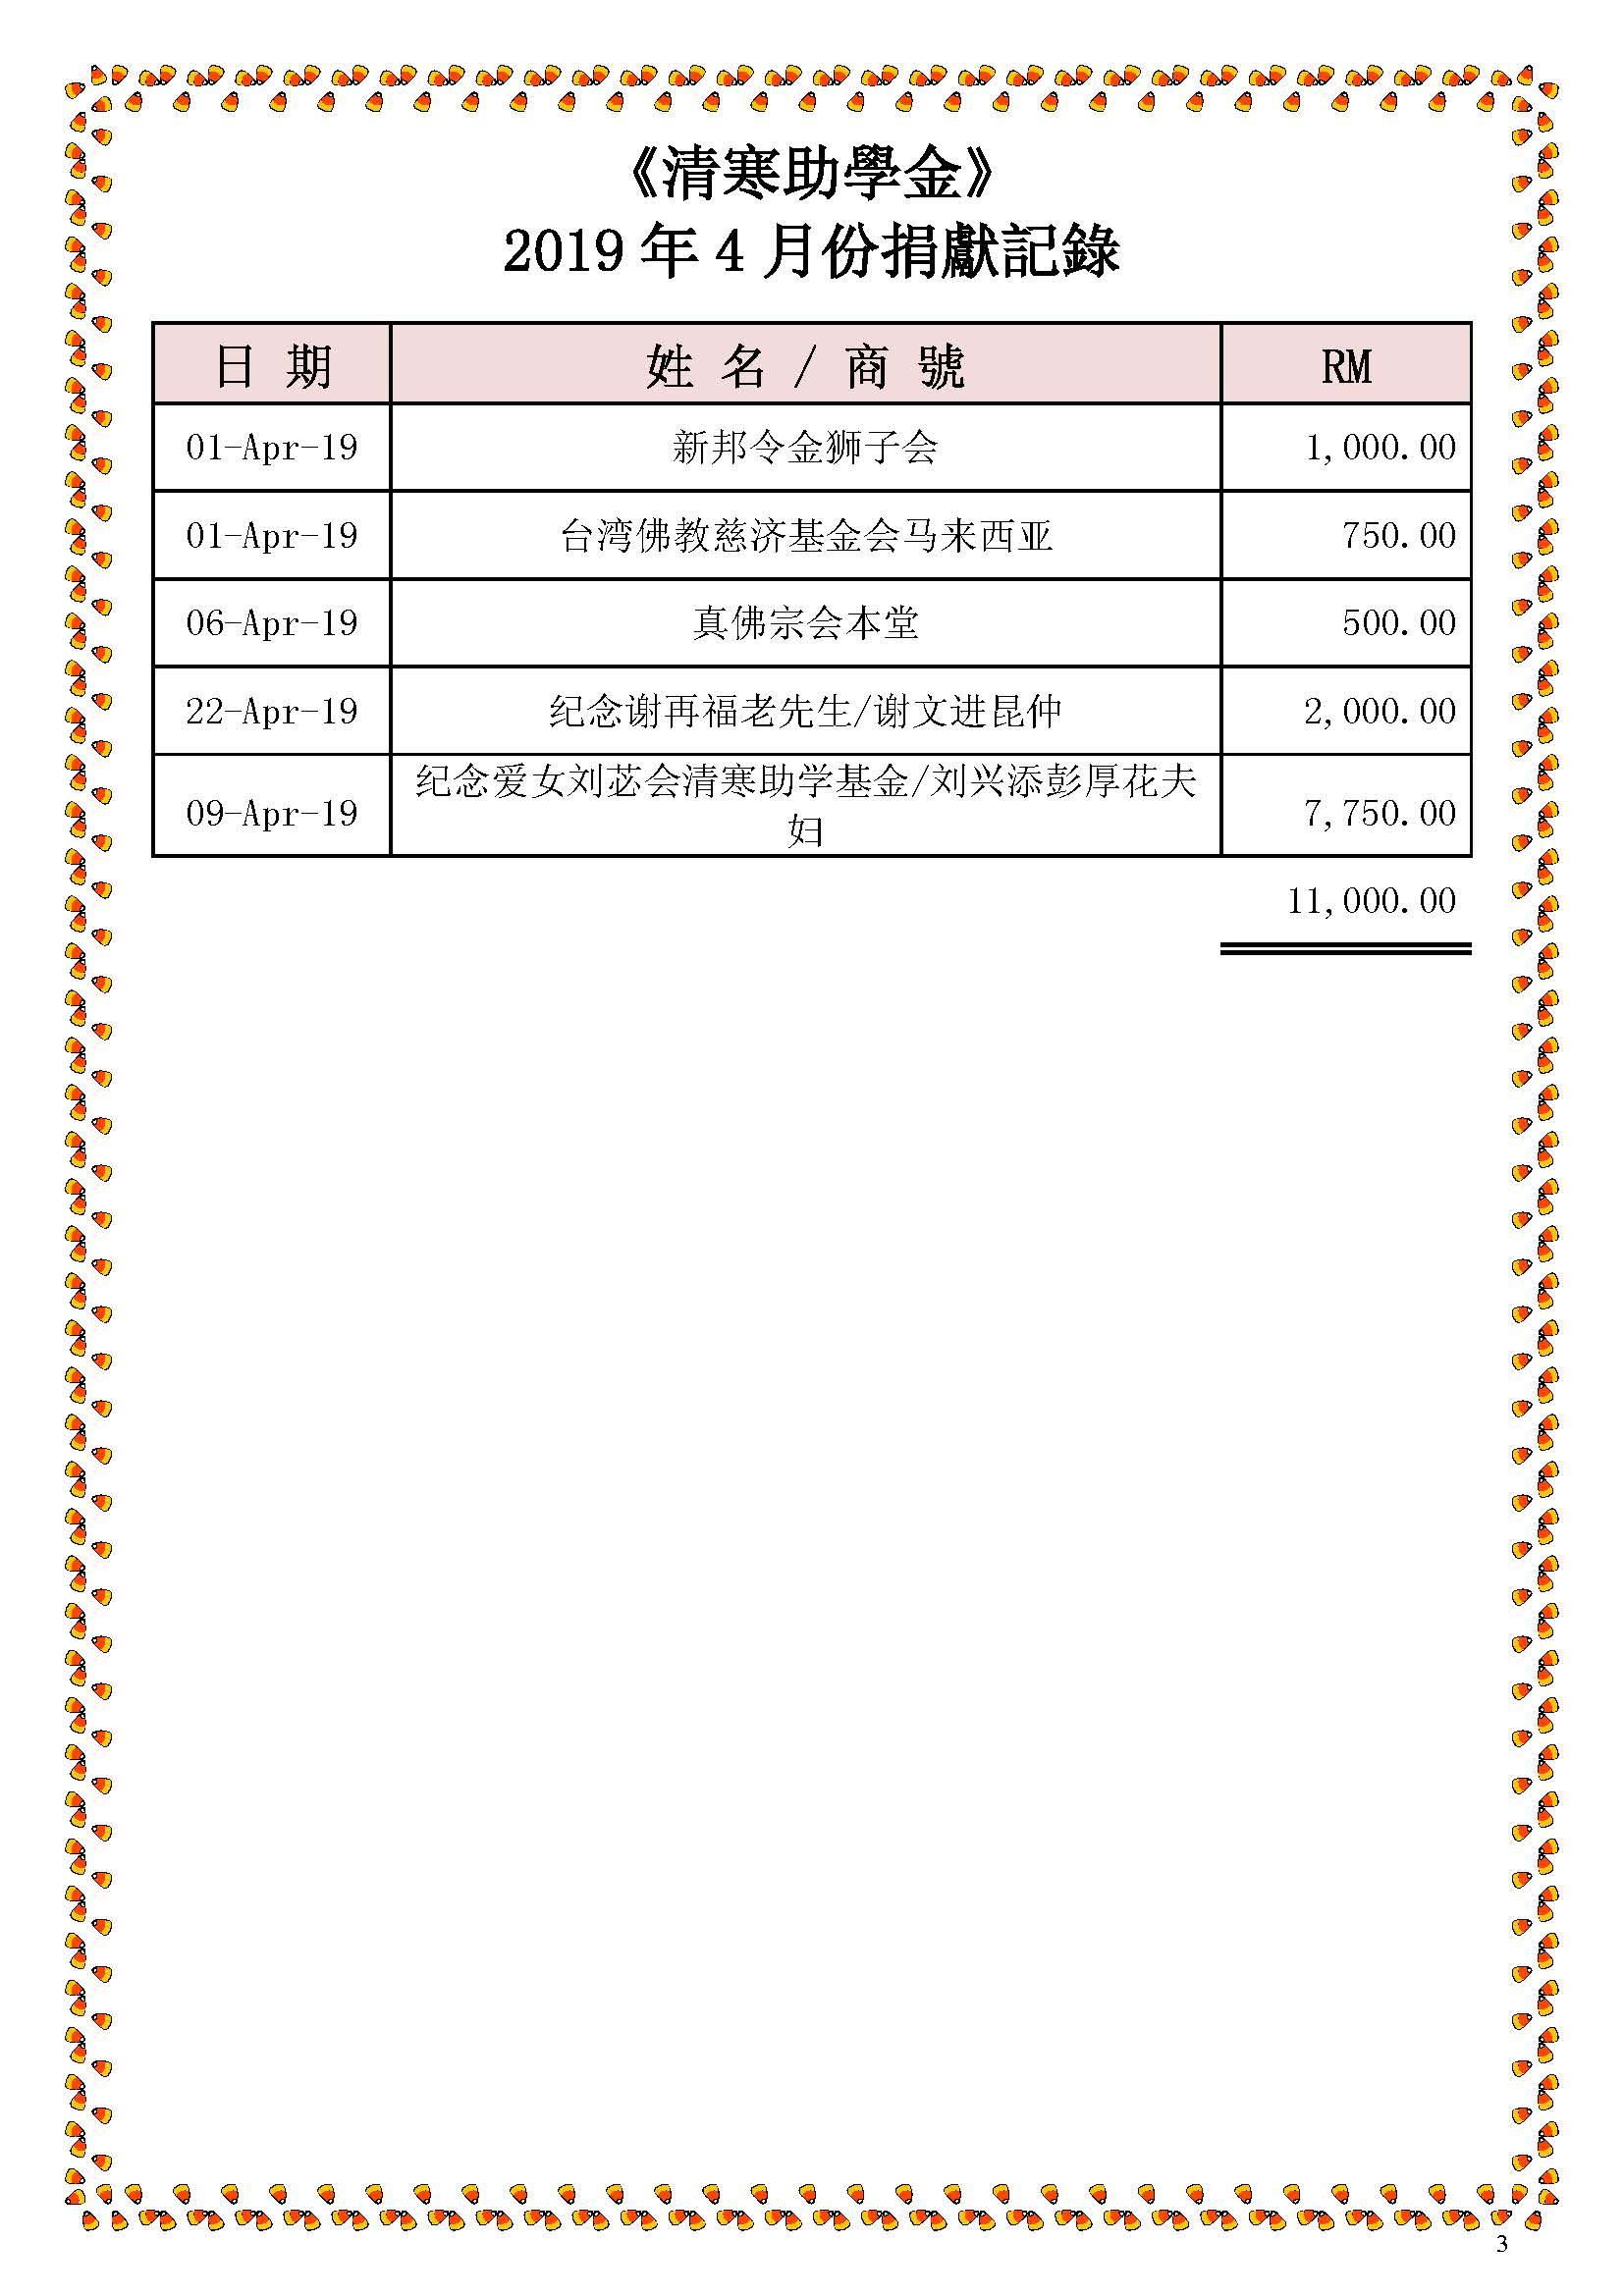 2019年4月份捐獻記錄 —修改后_Page_3